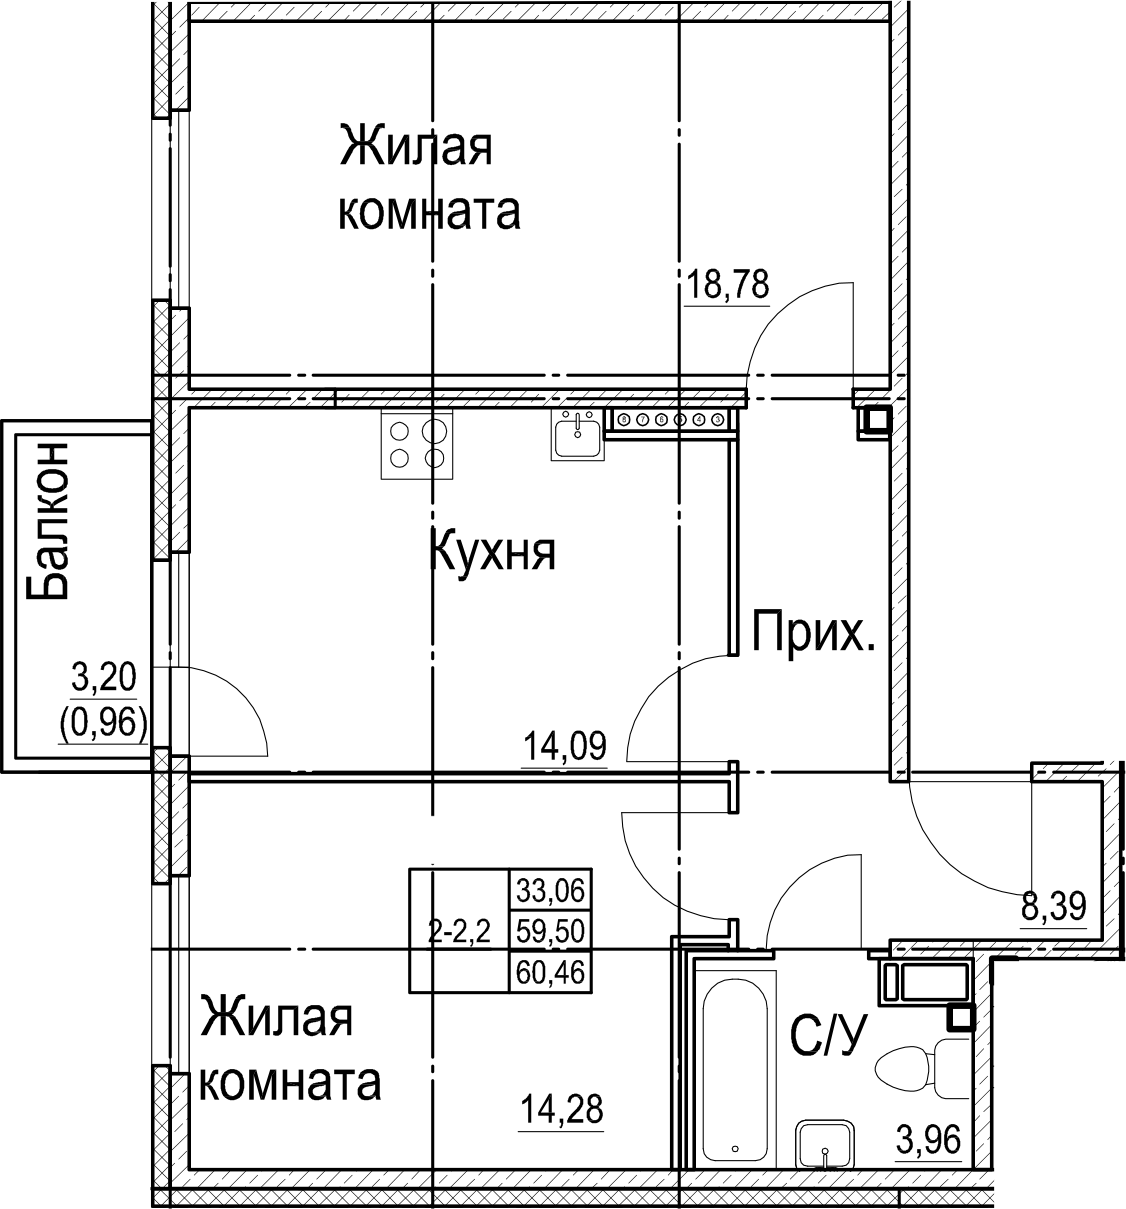 2-к.кв, 60.46 м², 8 этаж